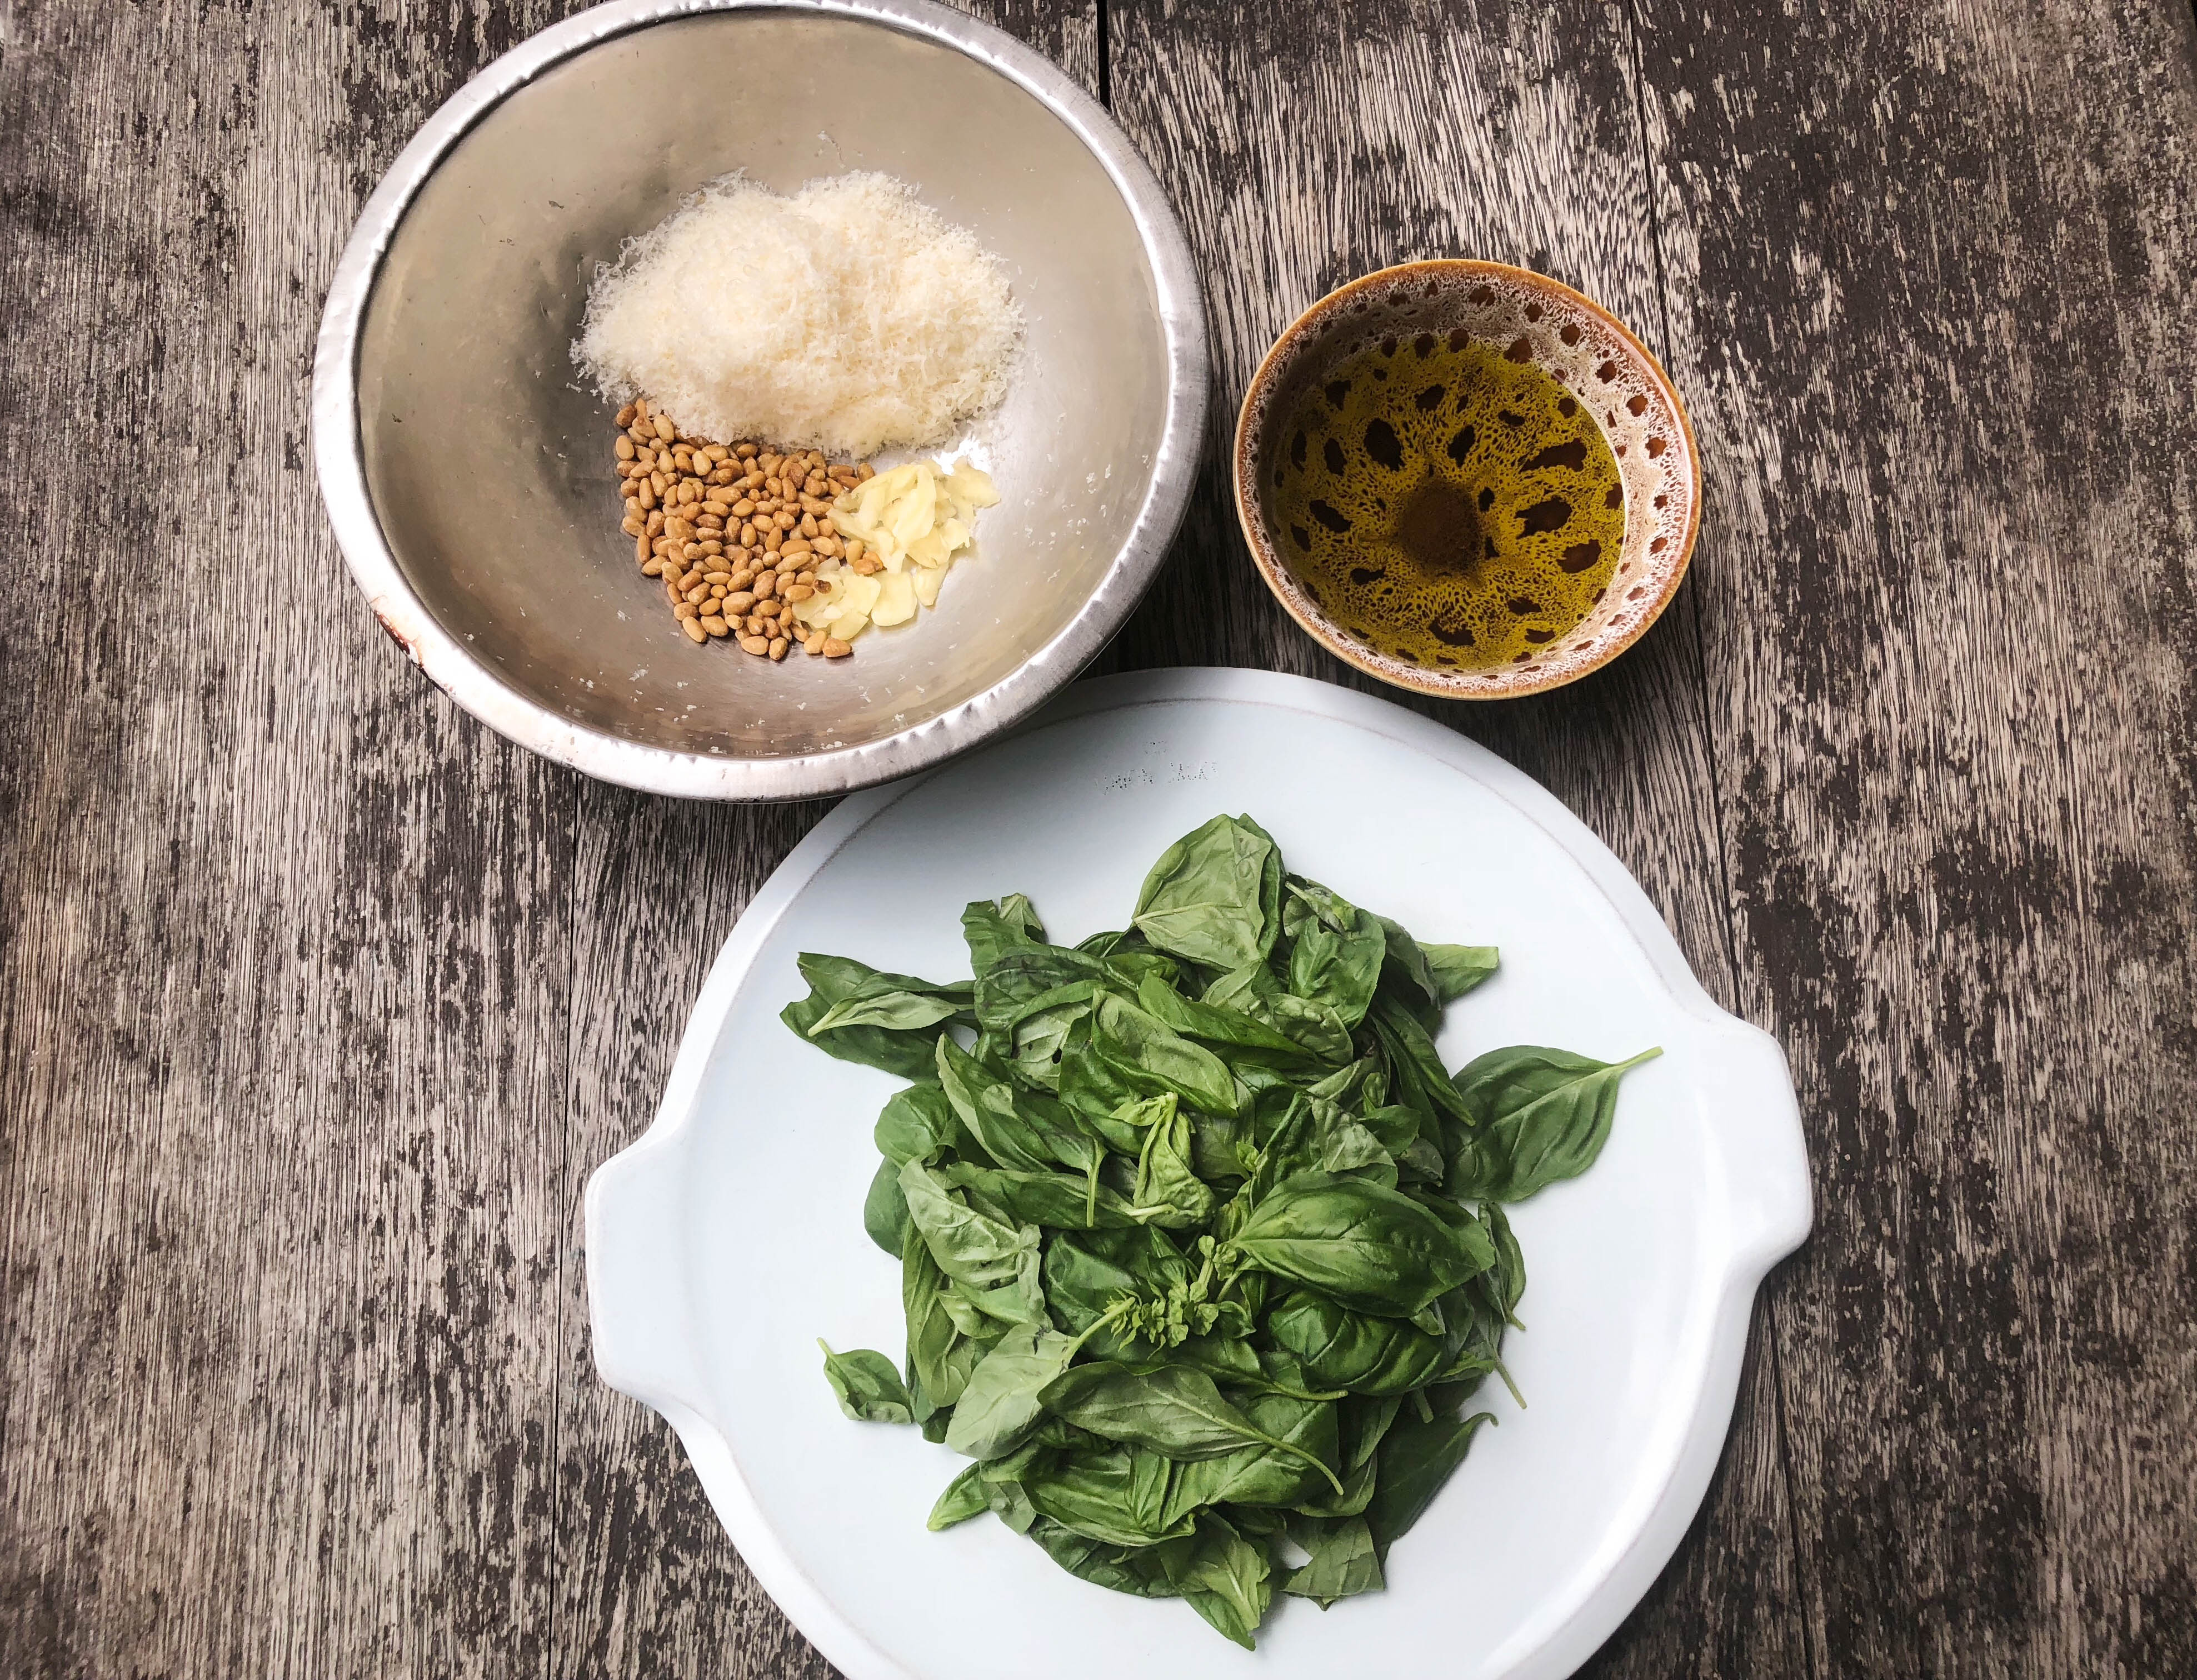 photo-5-ingredients-of-basil-pesto